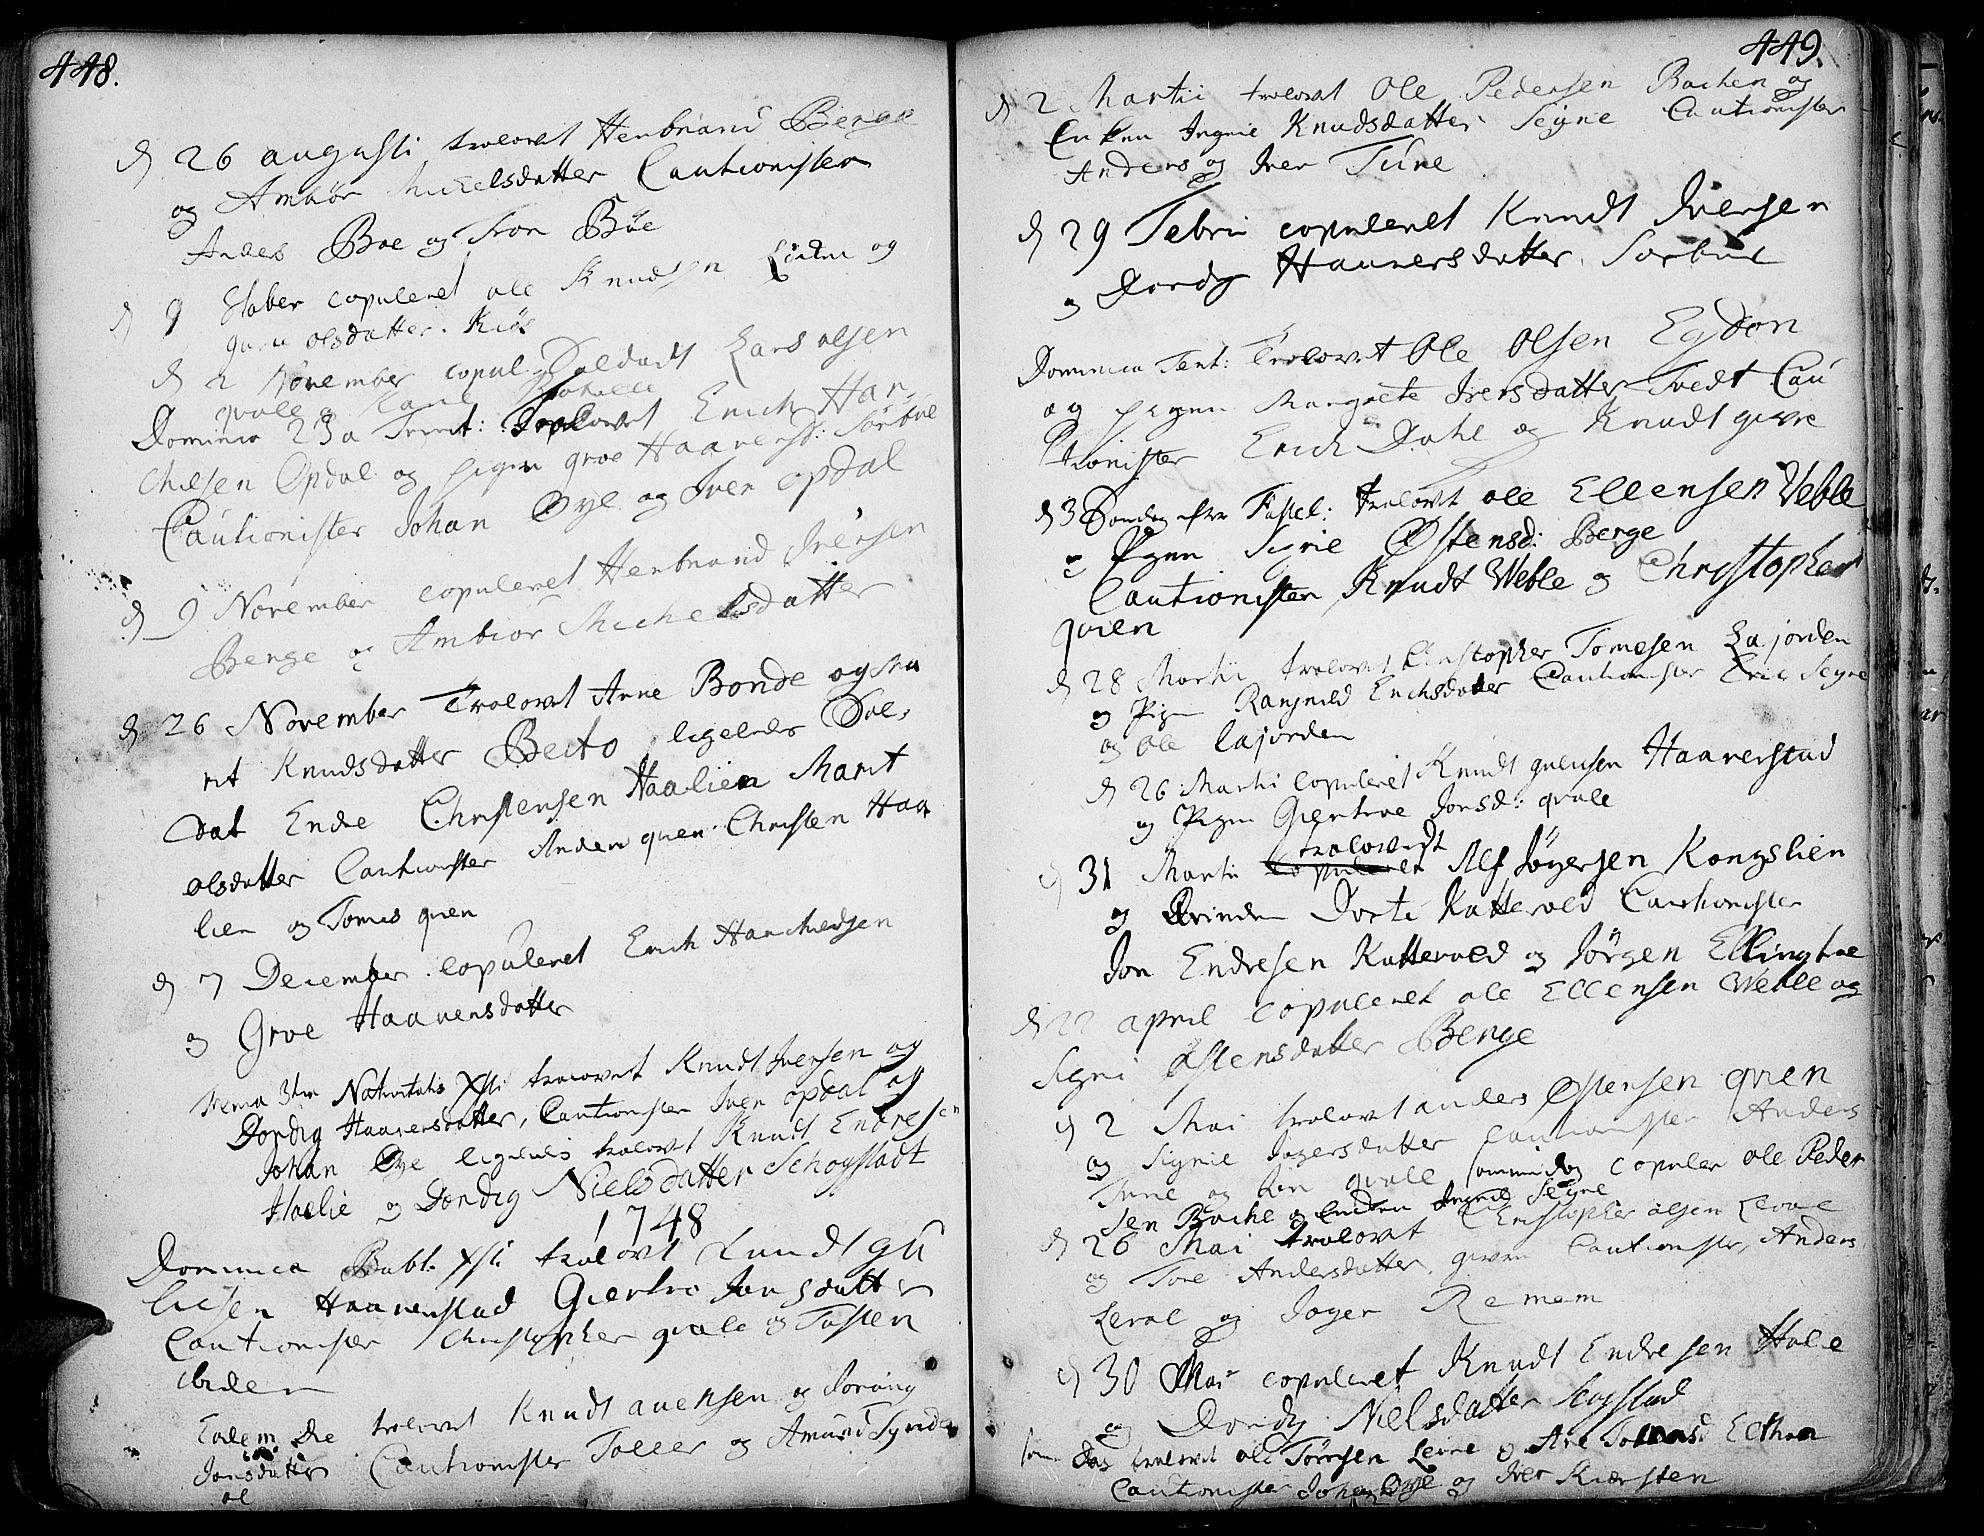 SAH, Vang prestekontor, Valdres, Ministerialbok nr. 1, 1730-1796, s. 448-449